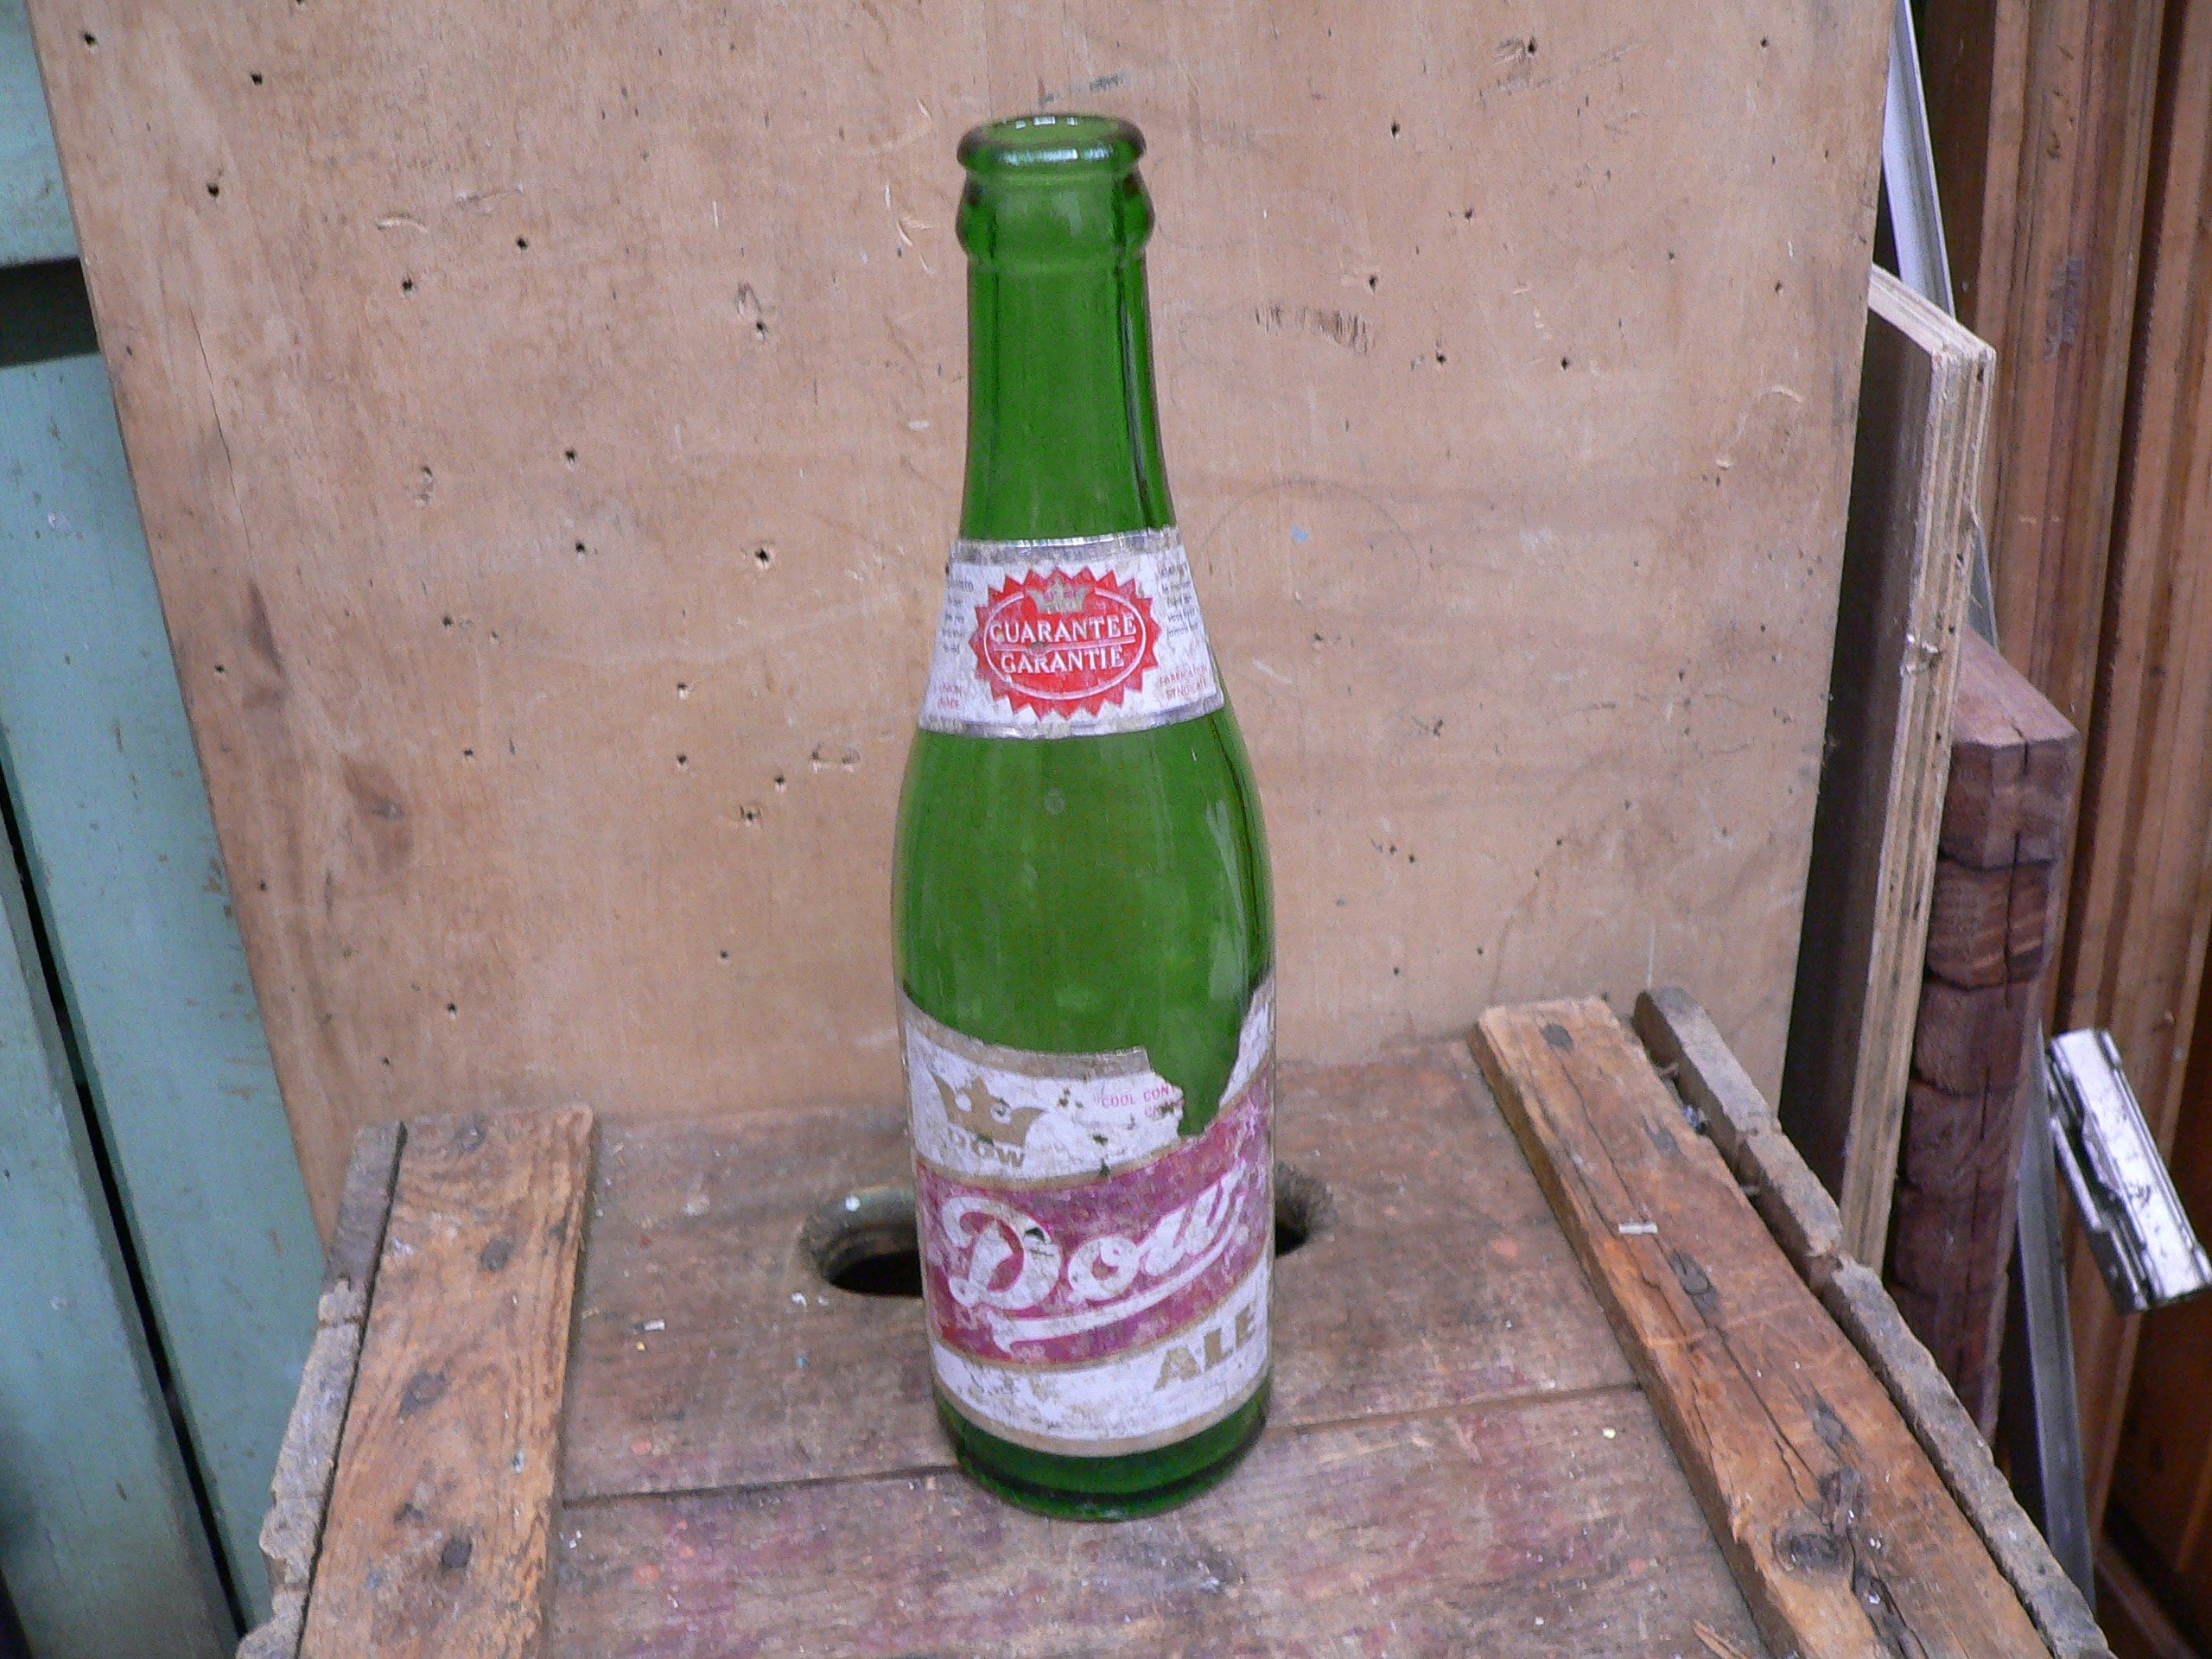 Bouteille bière dow ale # 5920.4